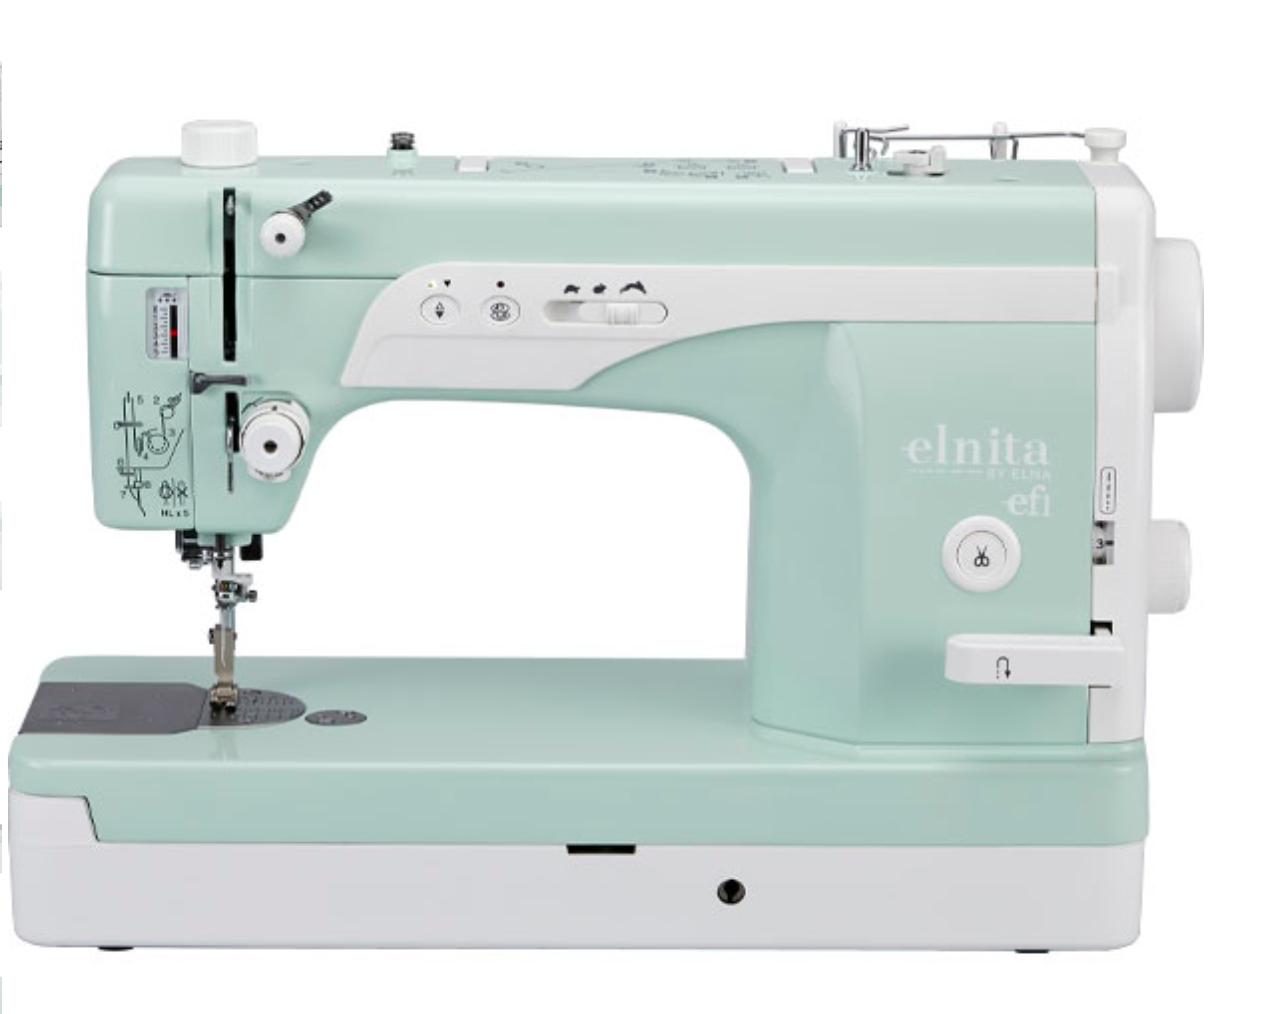 Elna EF1 High Speed Straight Stitch Sewing Machine